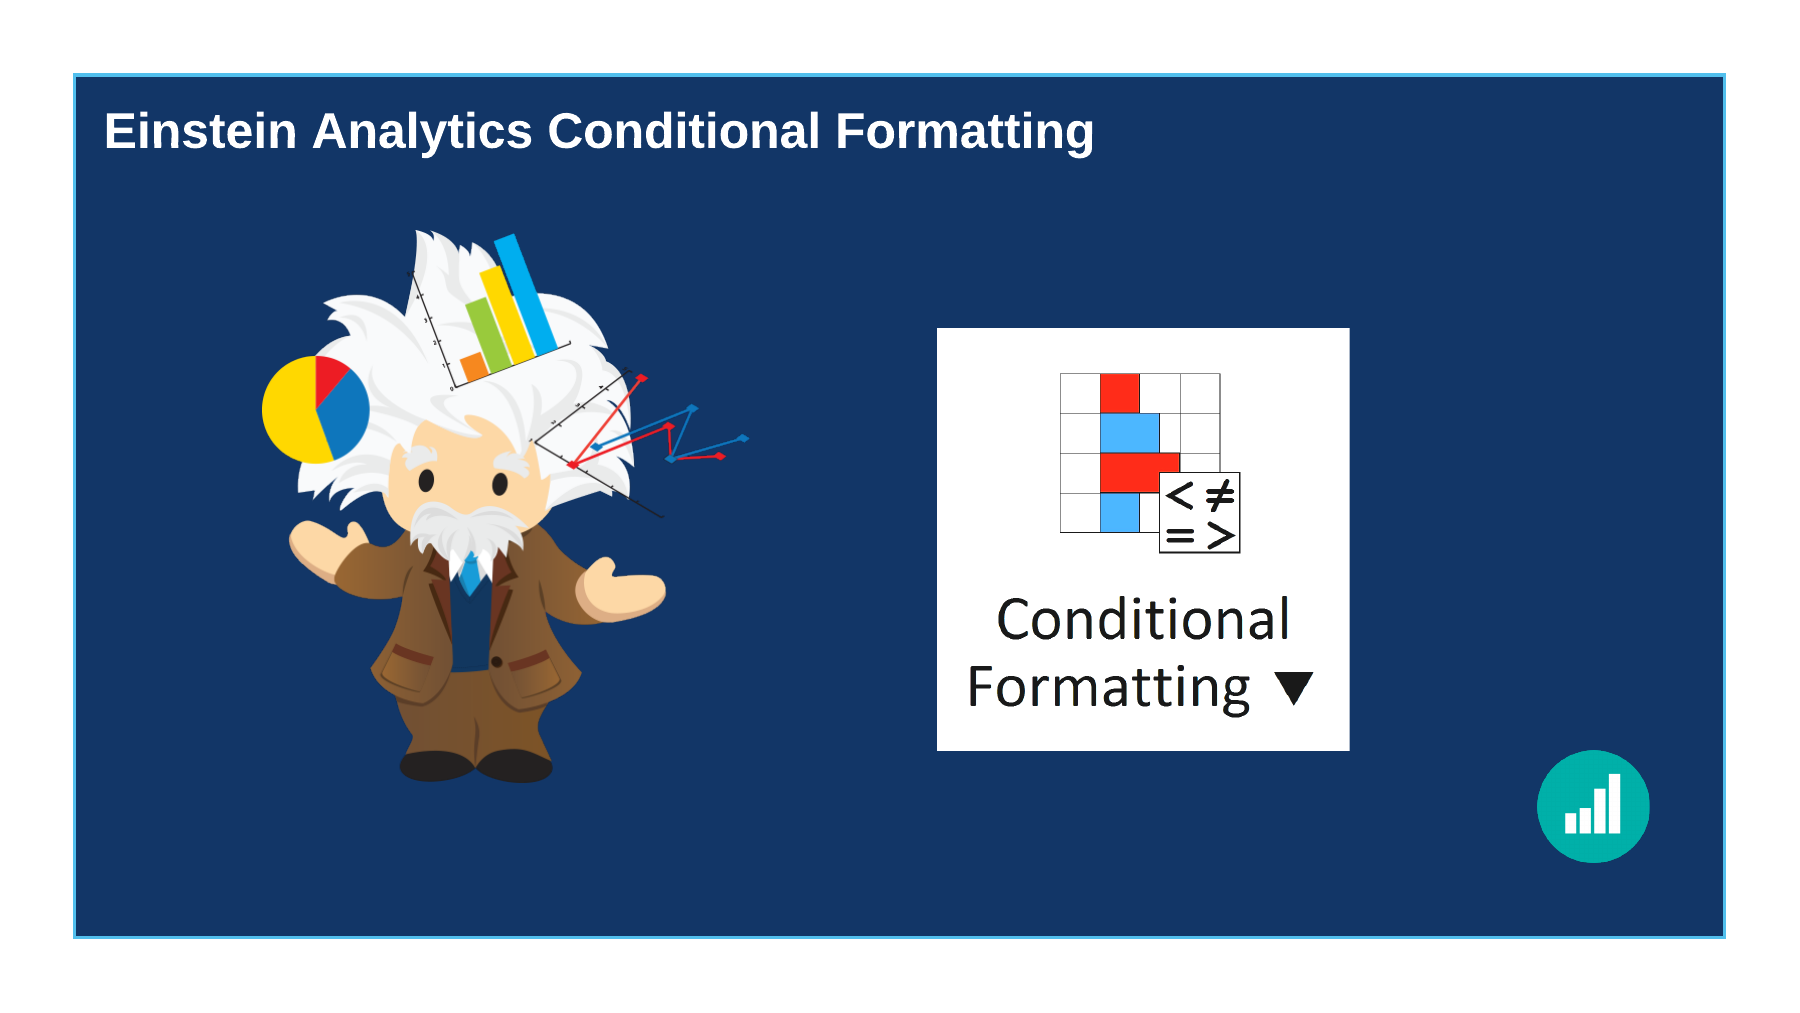 Einstein Analytics Conditional Formatting